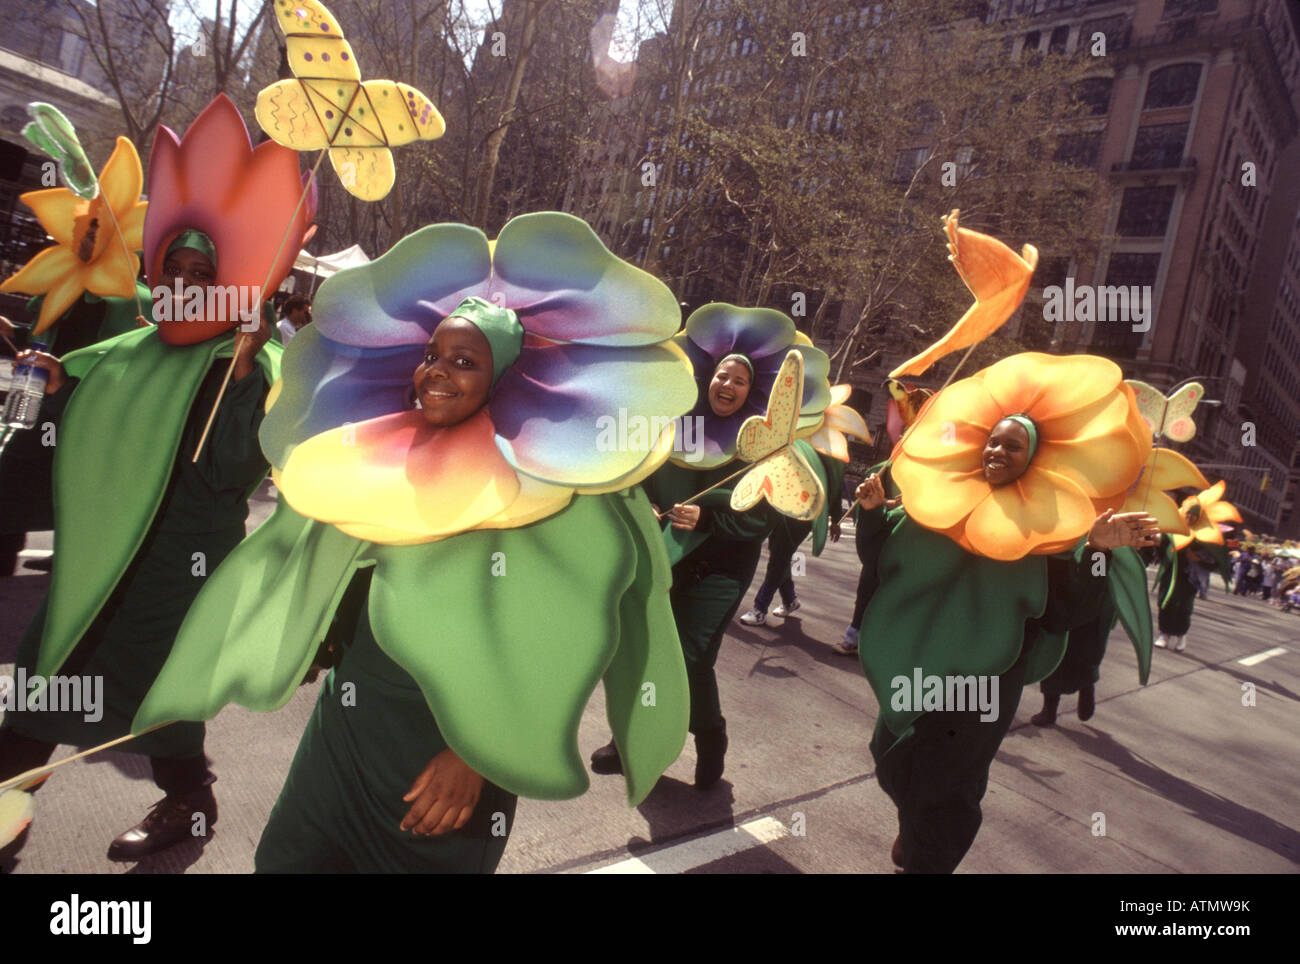 Le jour de la terre La ville de New York.Défilé de la planètes. Les environnementalistes habillés comme des fleurs Banque D'Images